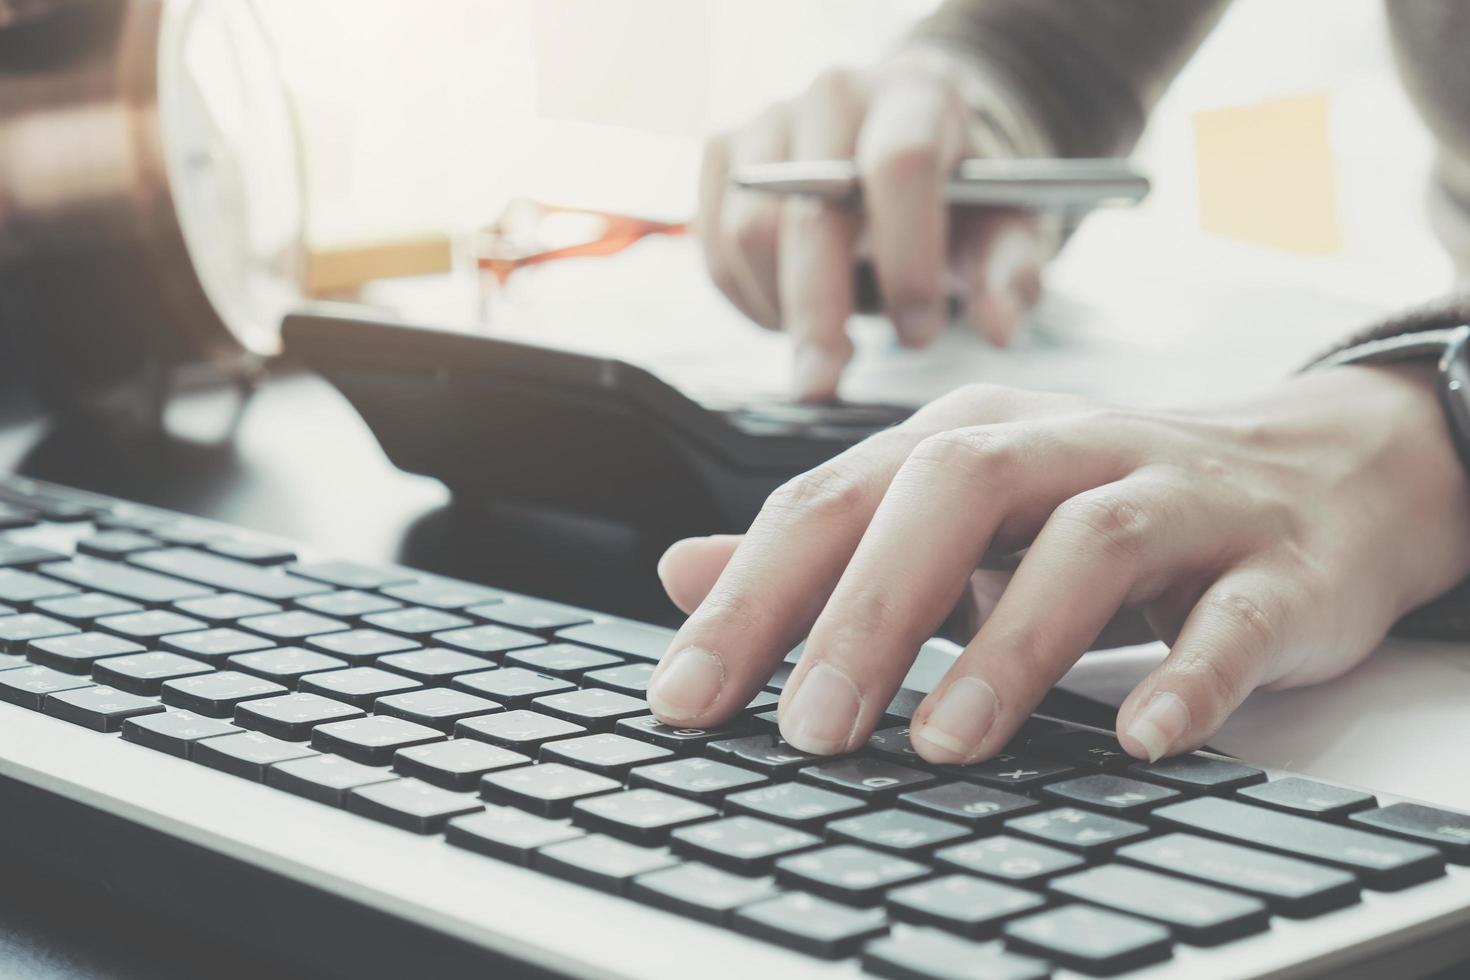 digitando professionale di affari sulla tastiera mentre si utilizza il calcolatore foto